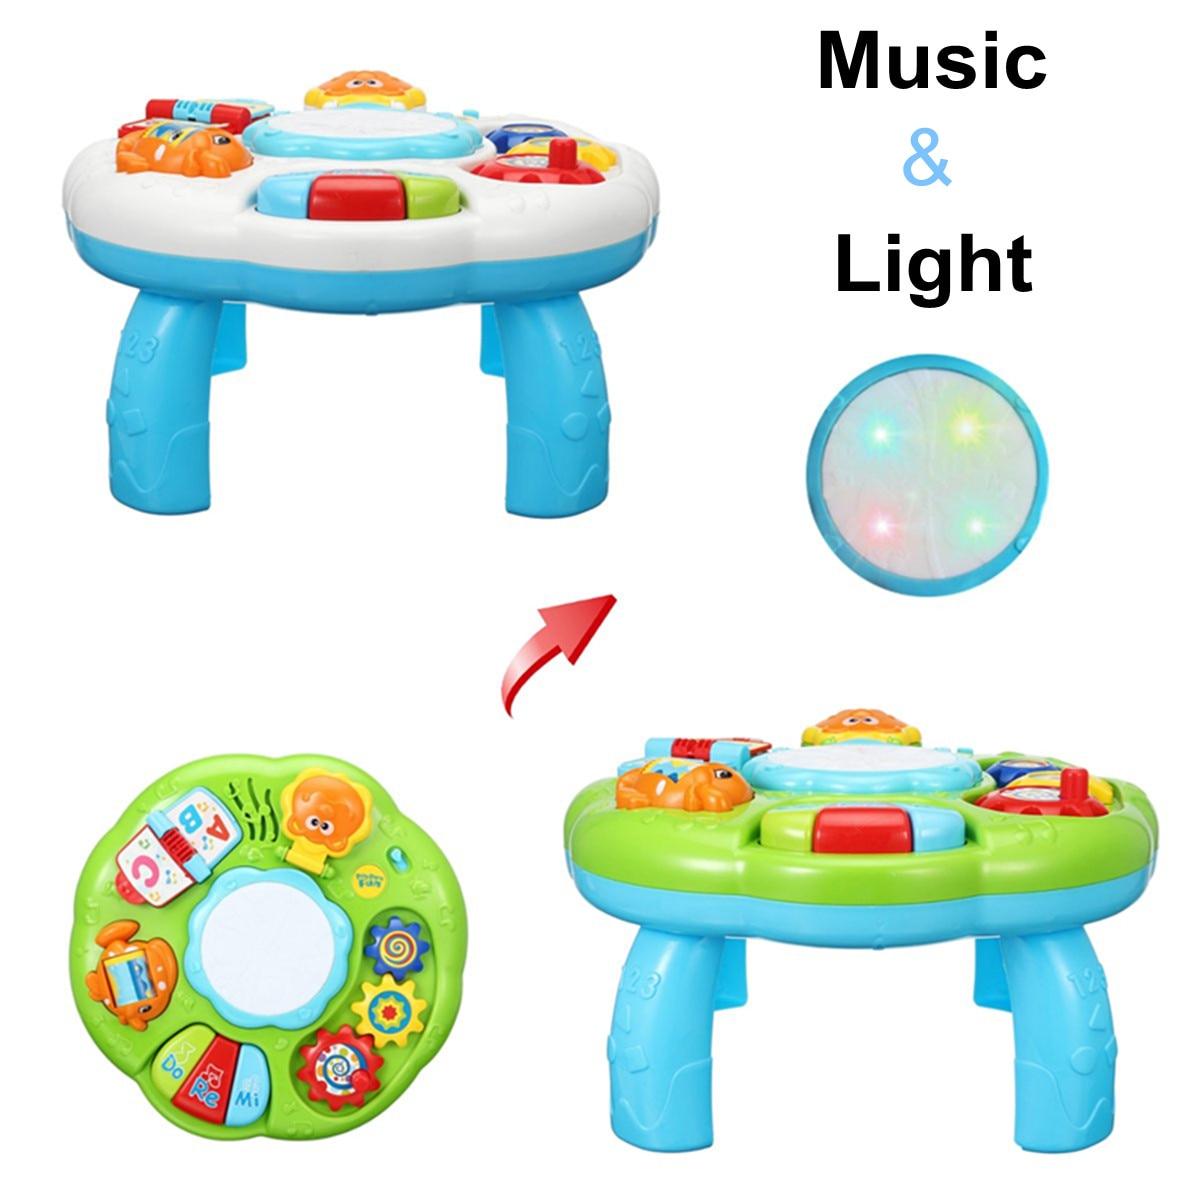 Baby Speelgoed Muzikale Tafel Spelen Activiteit Center Spel Leren Educatief Machine Speelgoed Tafel Muziekinstrument Voor Kinderen Geschenken